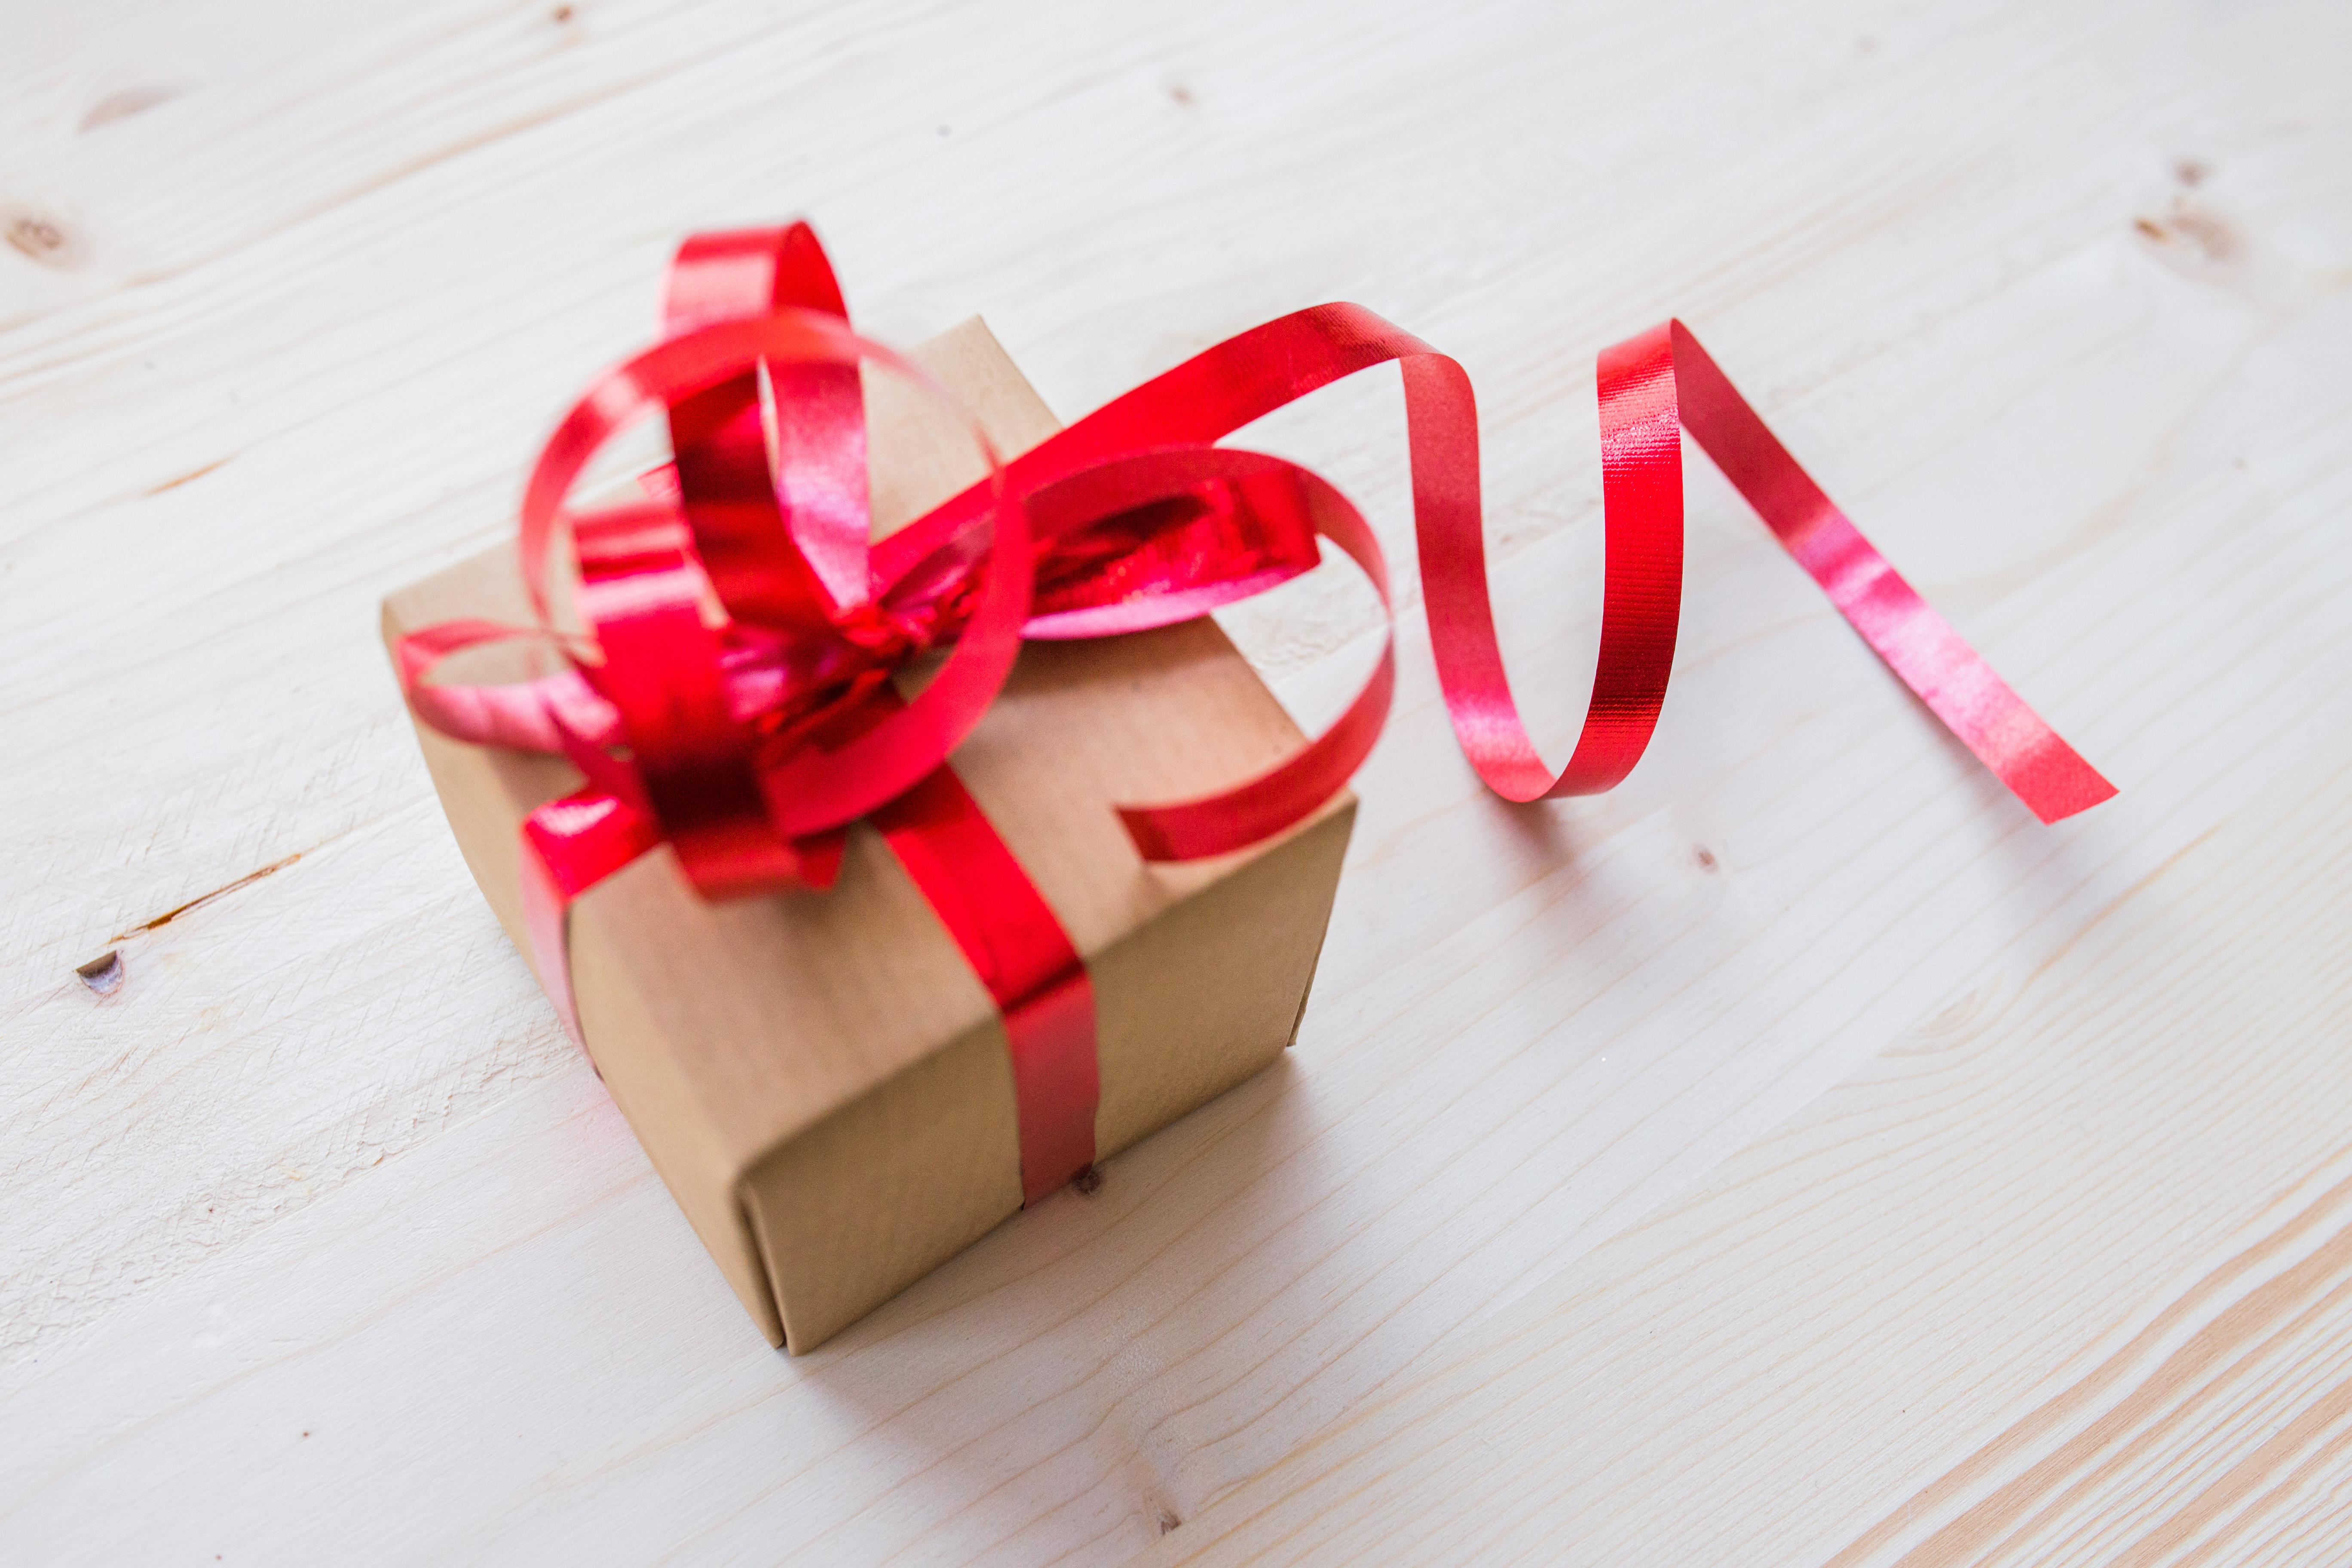 3 trucchi per fidelizzare i tuoi clienti grazie alle tue spedizioni